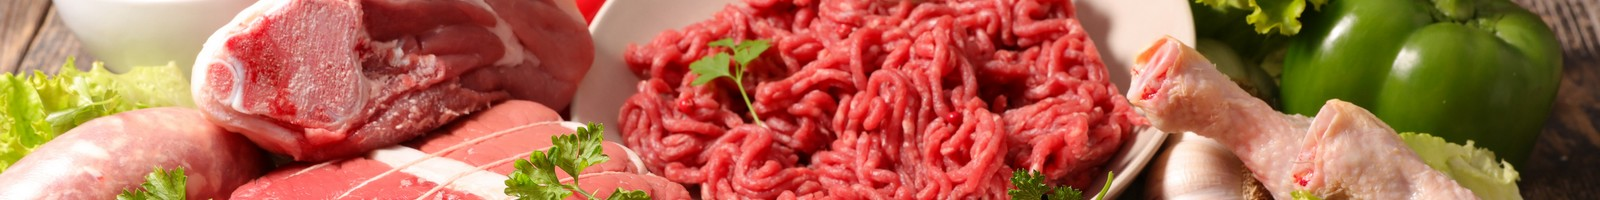 La viande crue proposée aux animaux représente une sérieuse menace pour la santé humaine